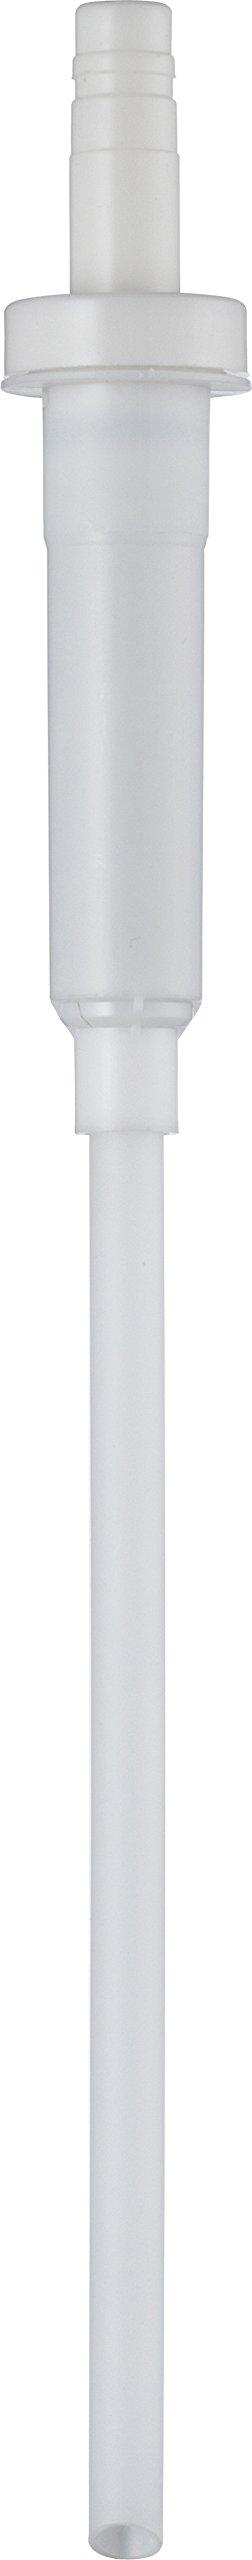 Delta RP51702 Soap/Lotion Dispenser and Bottle, Chrome